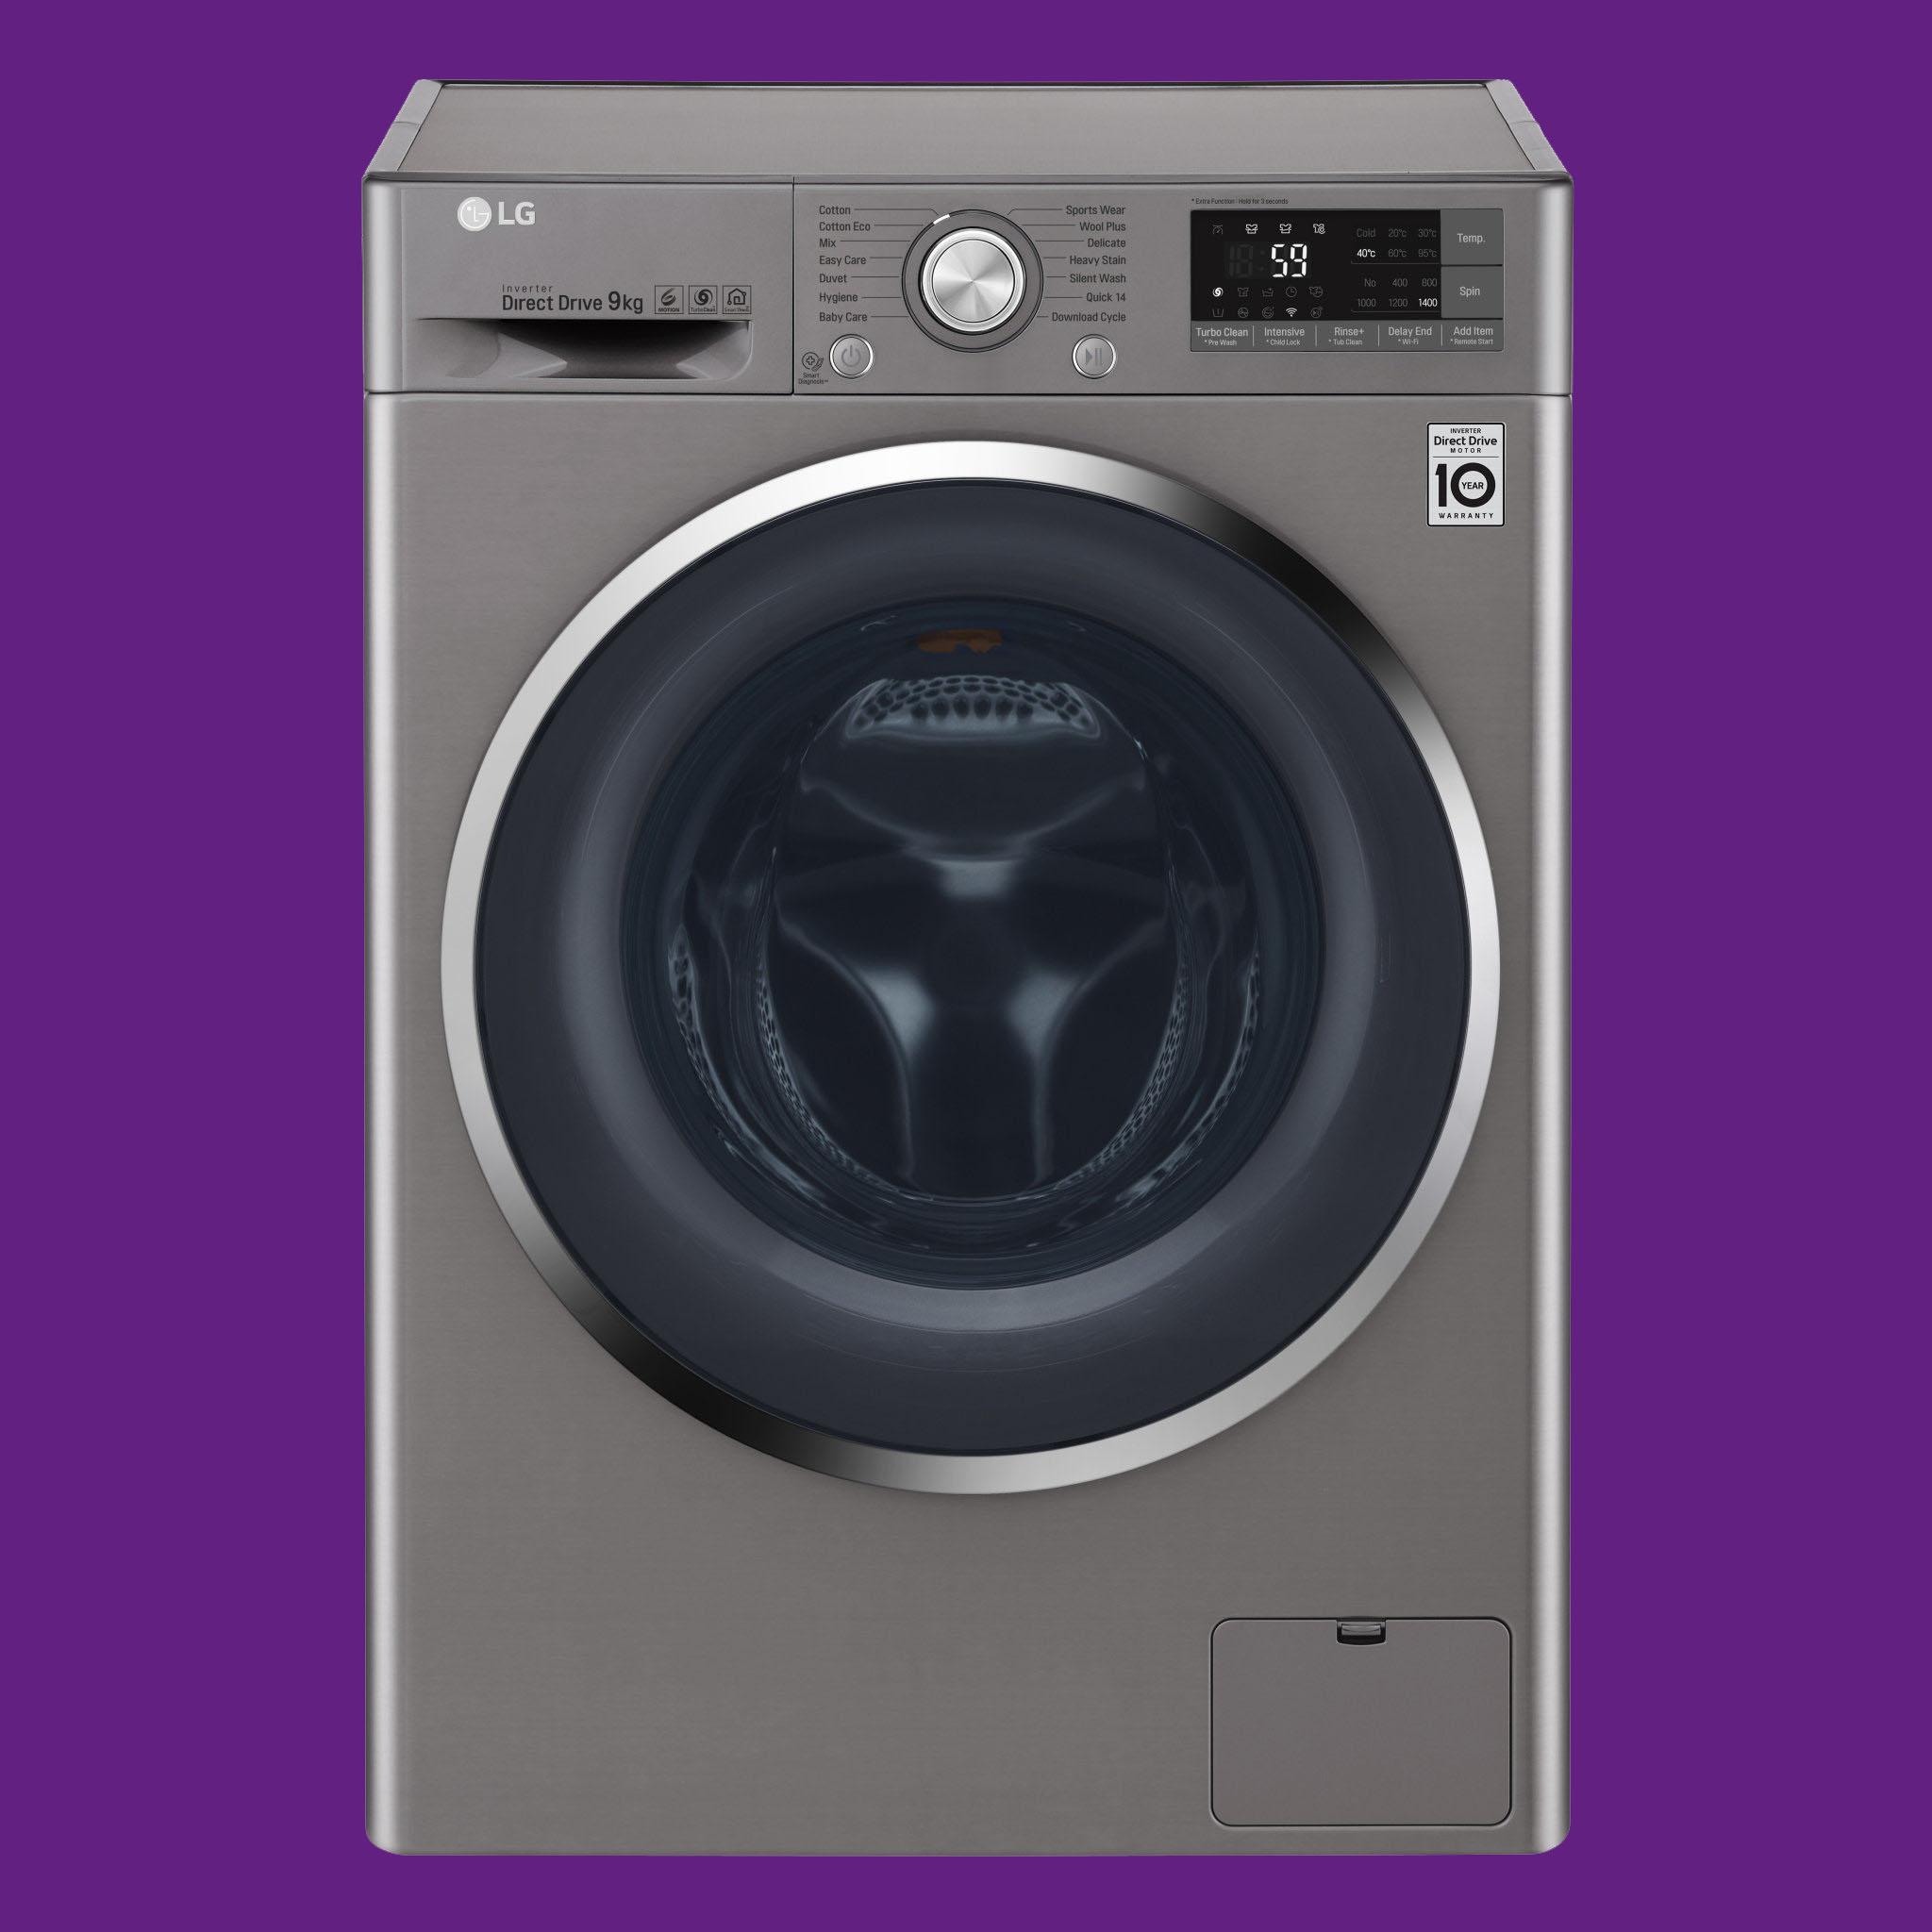 تعمیر ماشین لباسشویی الجی